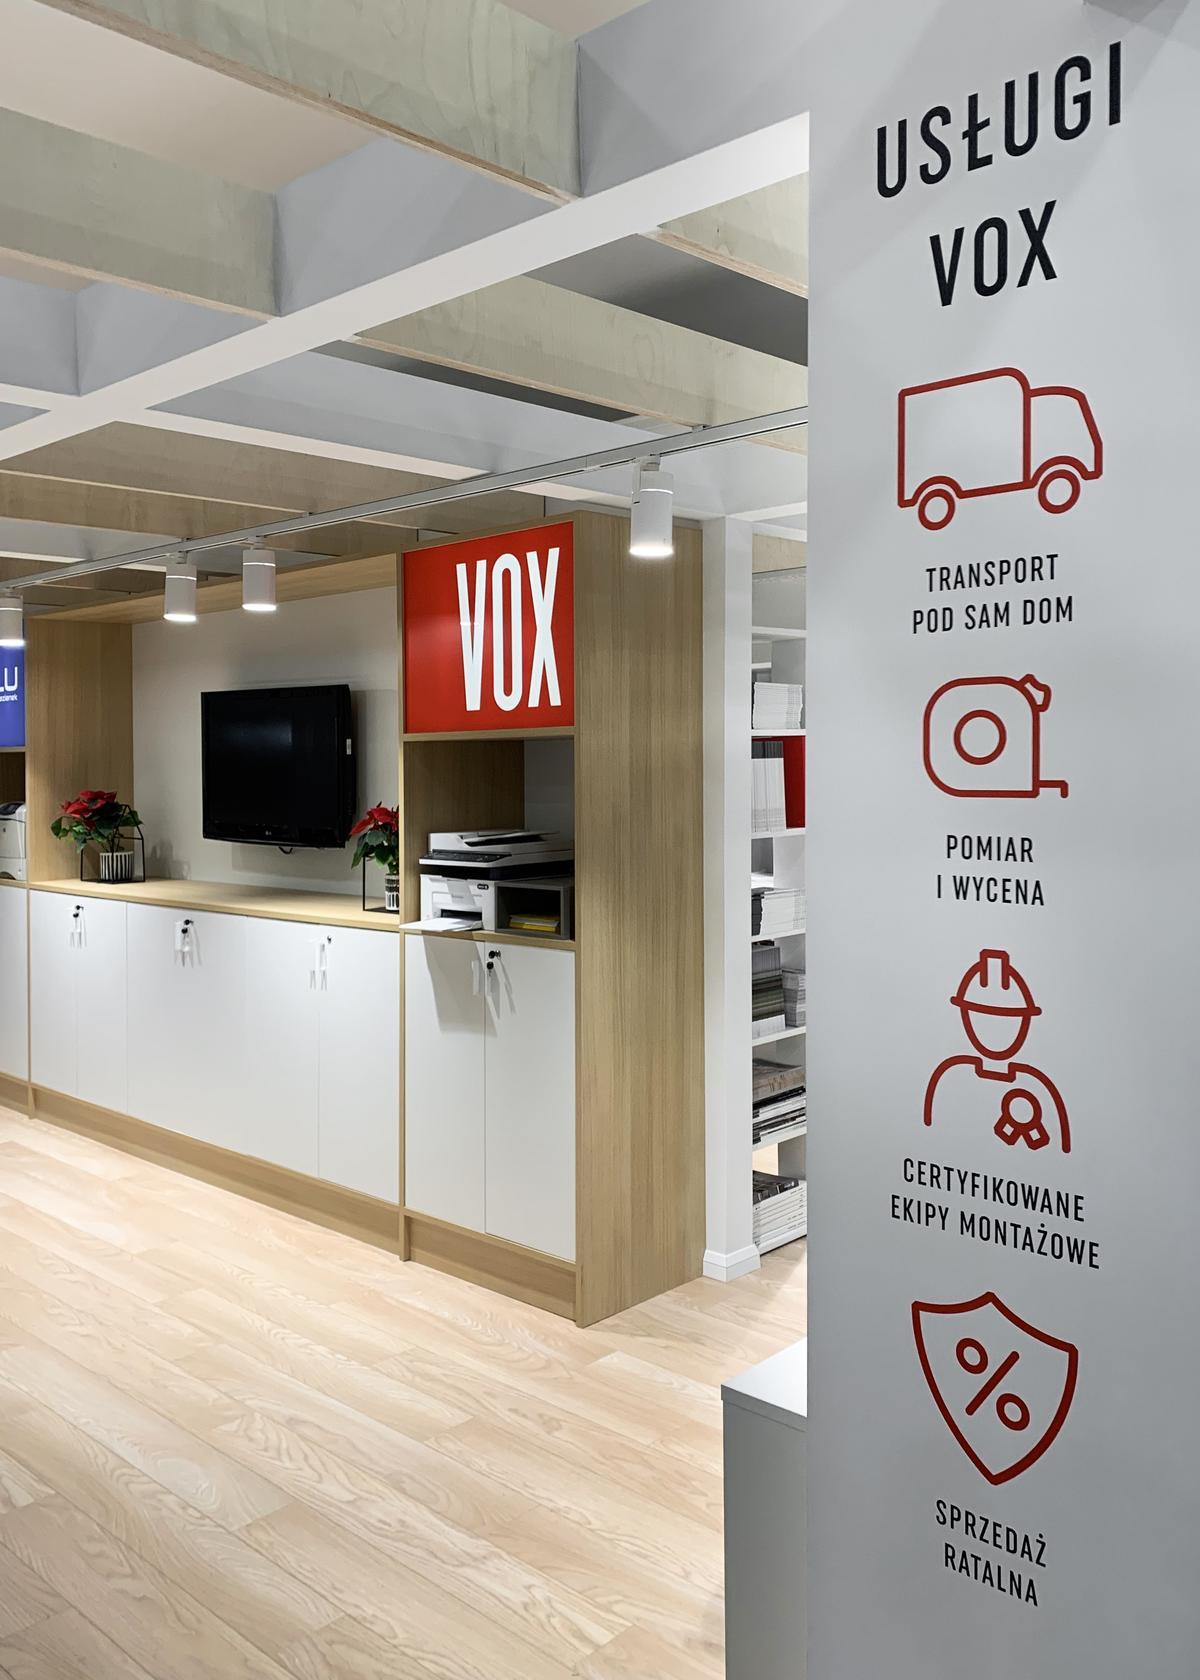 Usługi VOX w BLU Olsztyn - zdjęcie od BLU salon łazienek Olsztyn